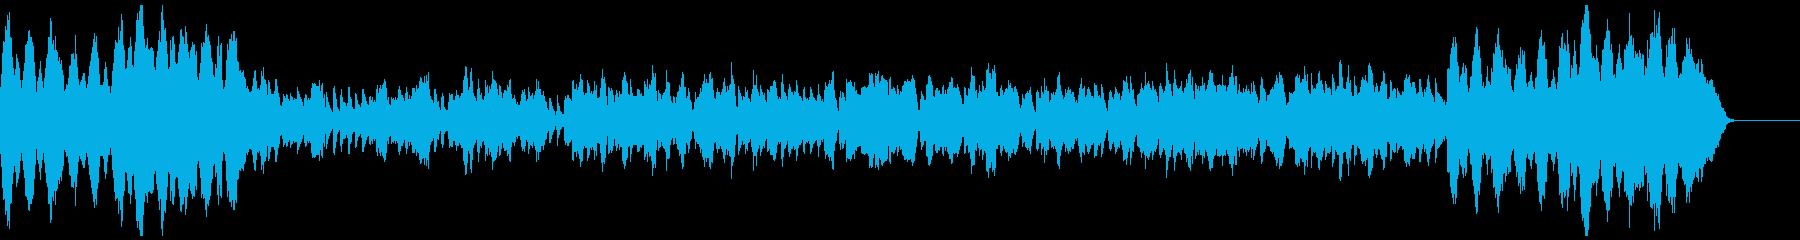 RV565_2『ラルゴ』ヴィヴァルディの再生済みの波形